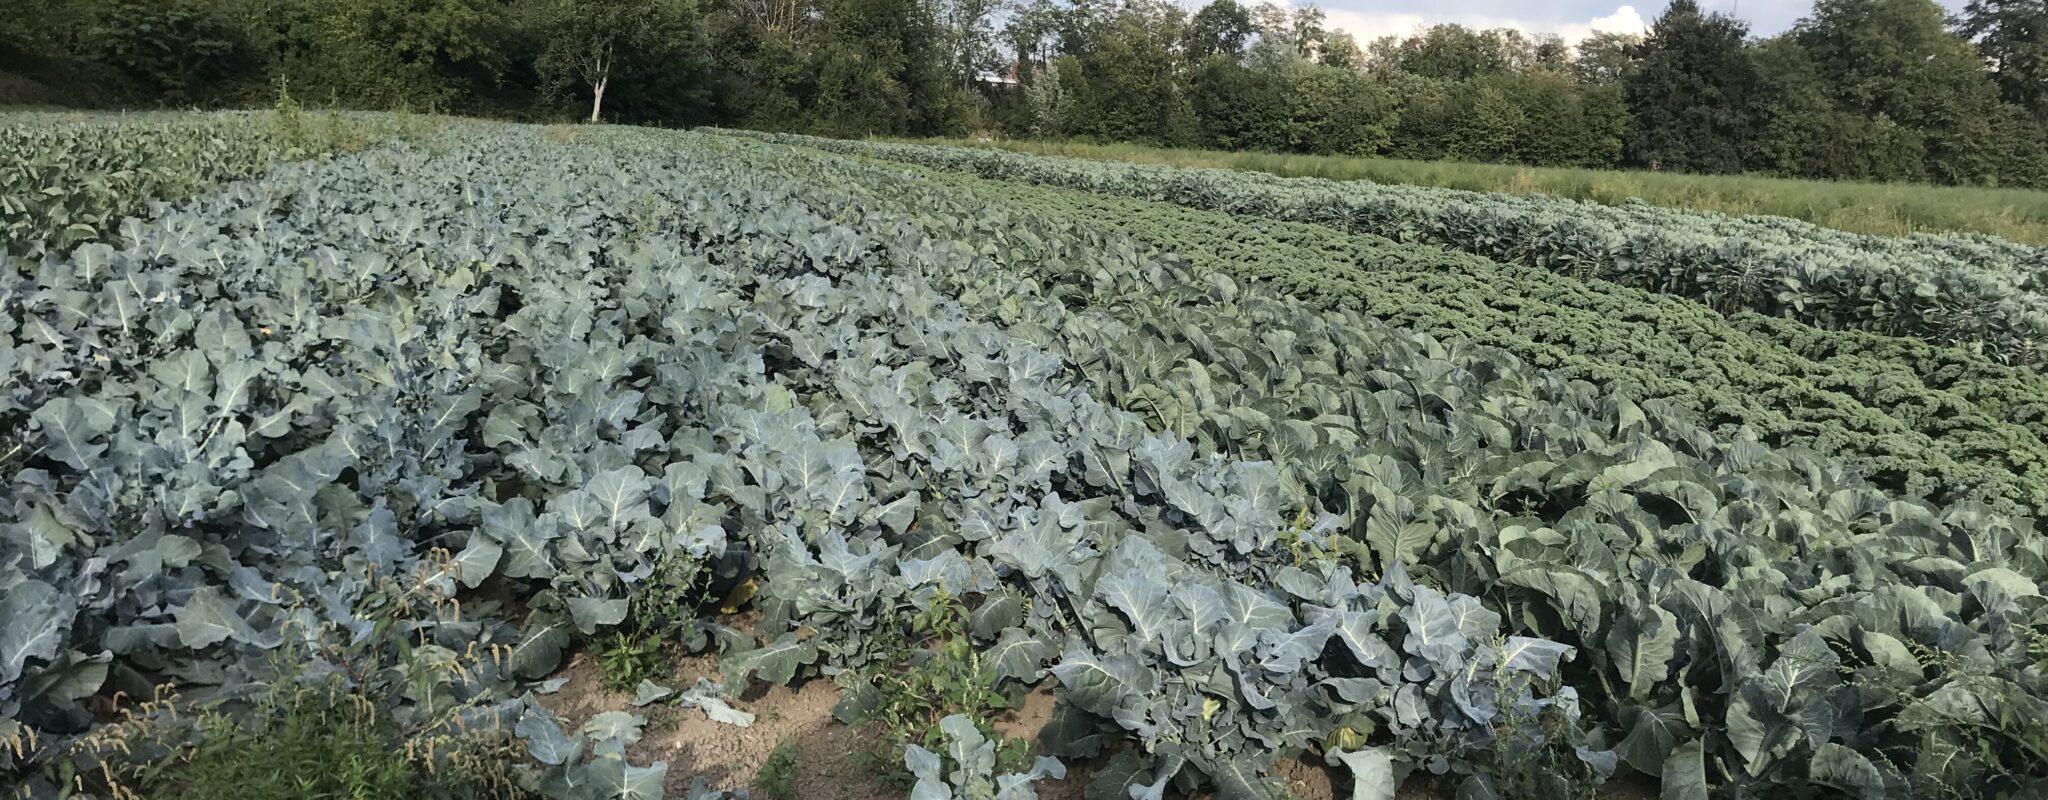 Au conseil de l'Eurométropole, la faible autosuffisance alimentaire de Strasbourg à améliorer